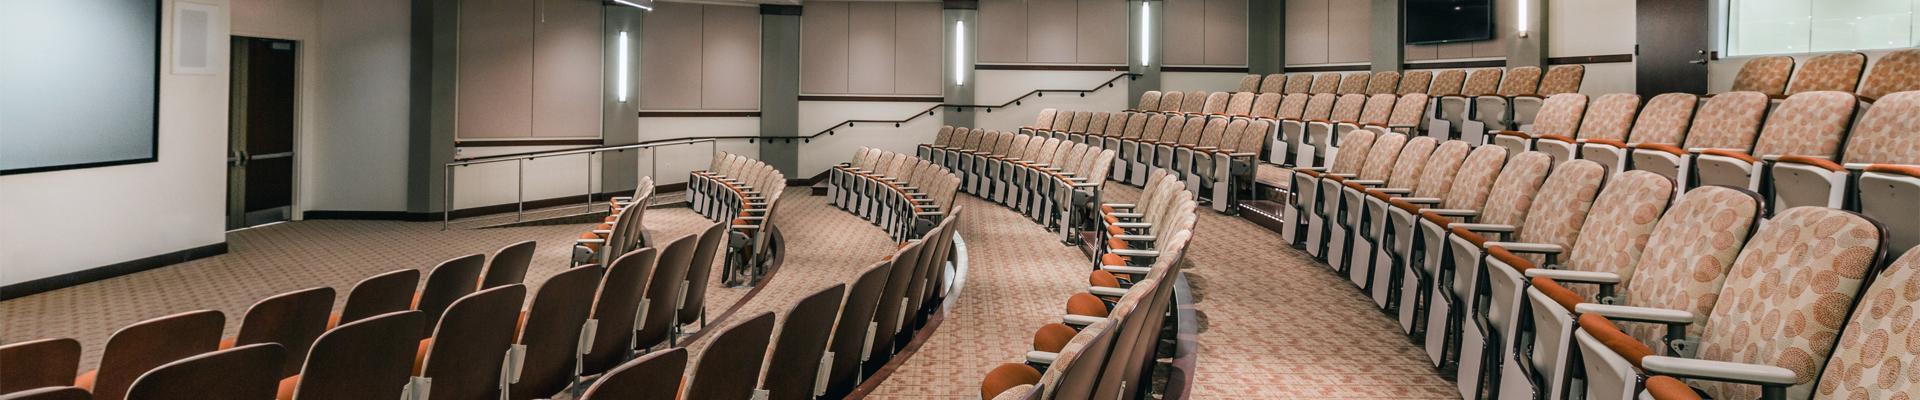 Auditorium Furniture Solutions